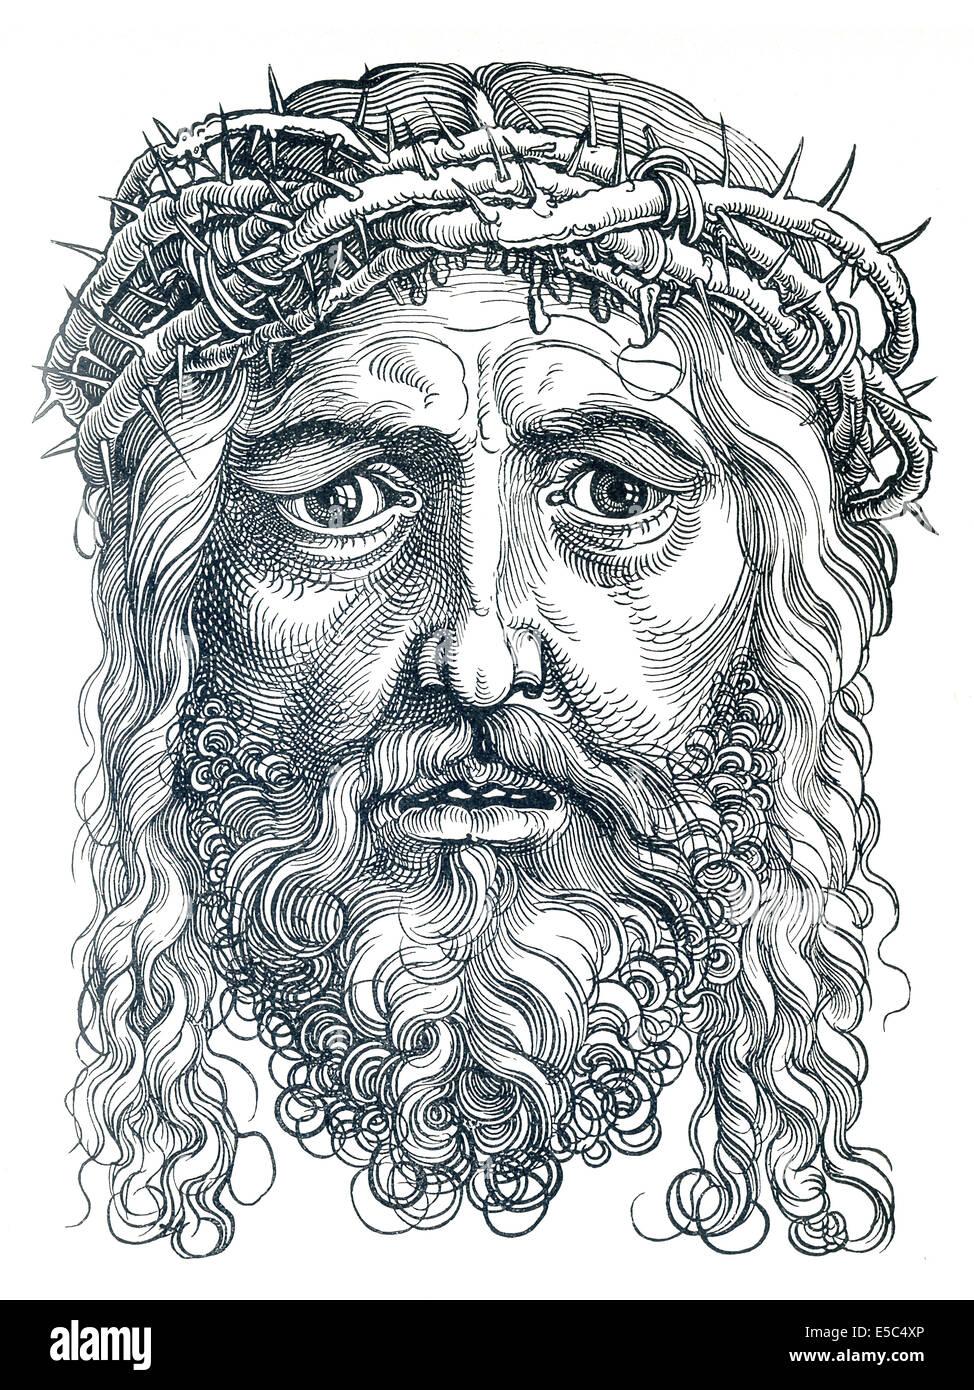 Albrecht Dürer (1471-1528) war ein deutscher Künstler, bekannt für seine Drucke und Zeichnungen von Stockbild